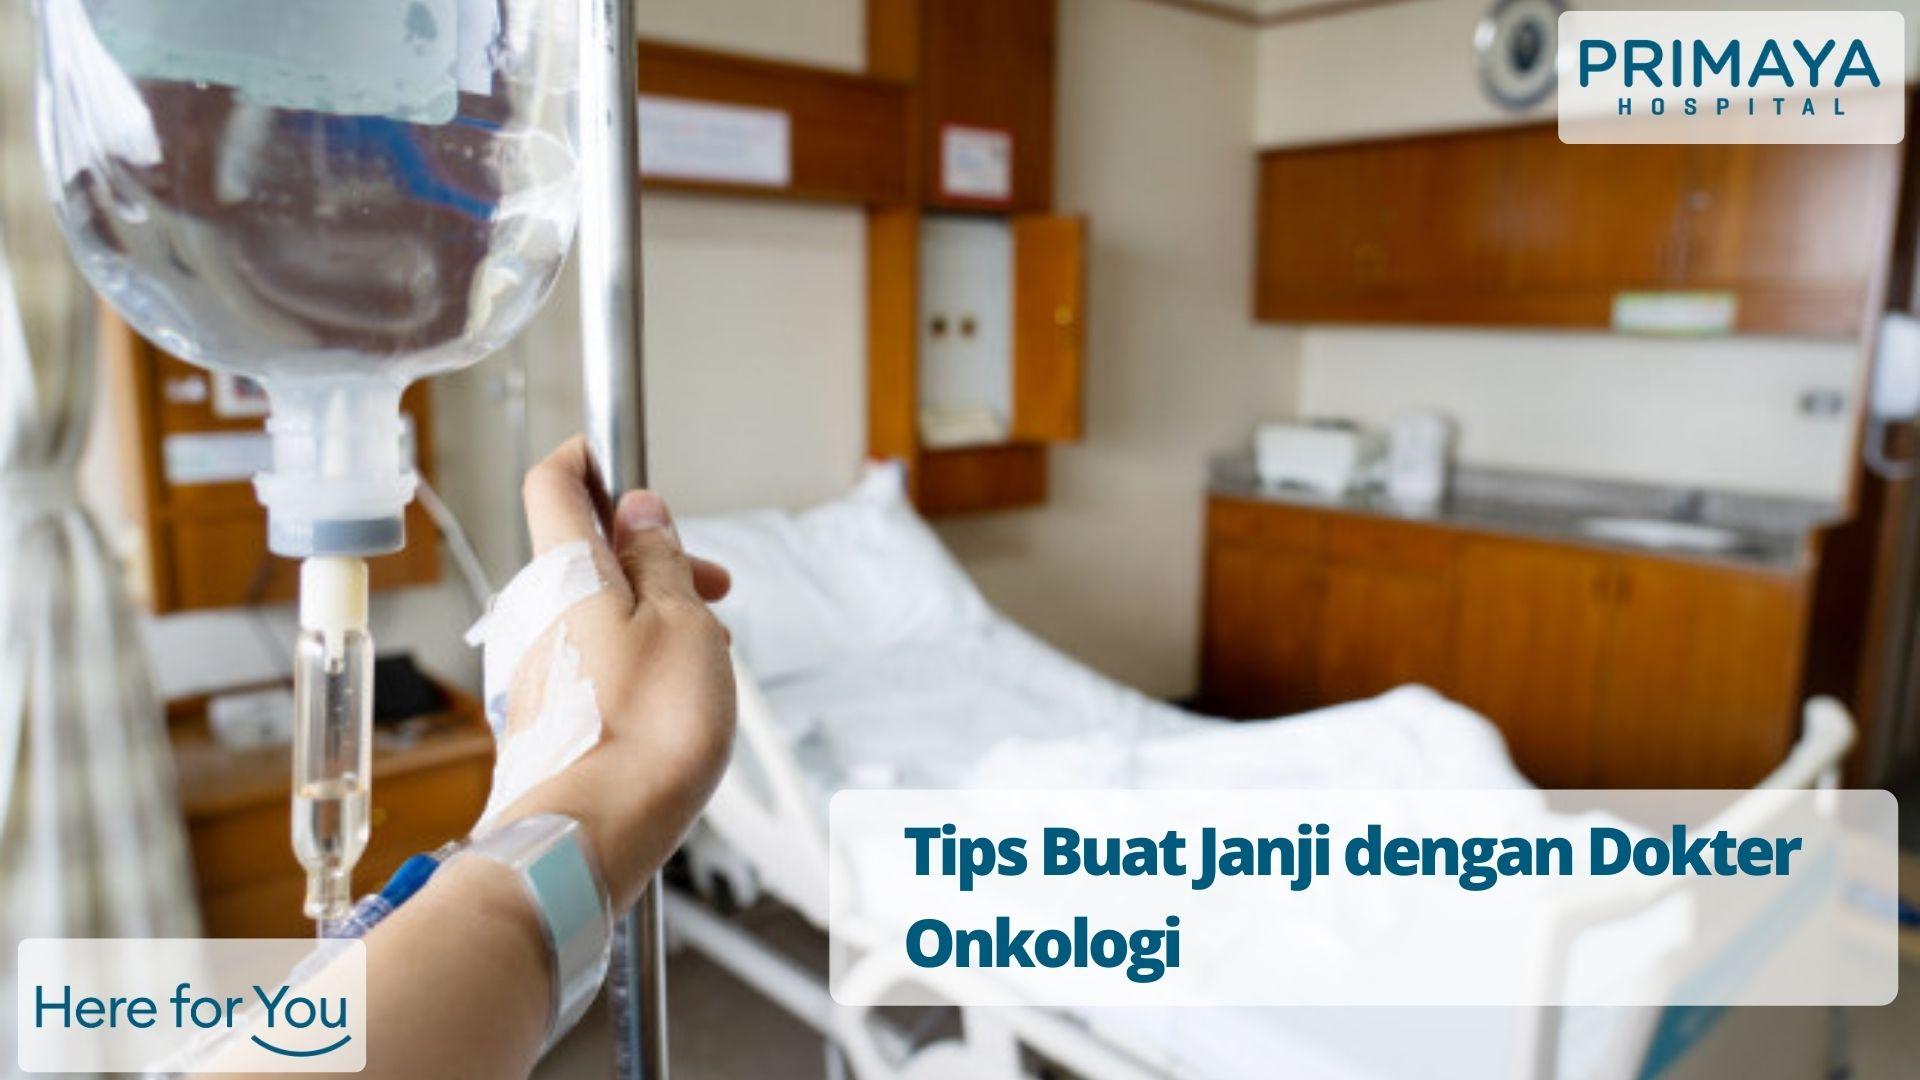 Buat Janji dengan Dokter Onkologi